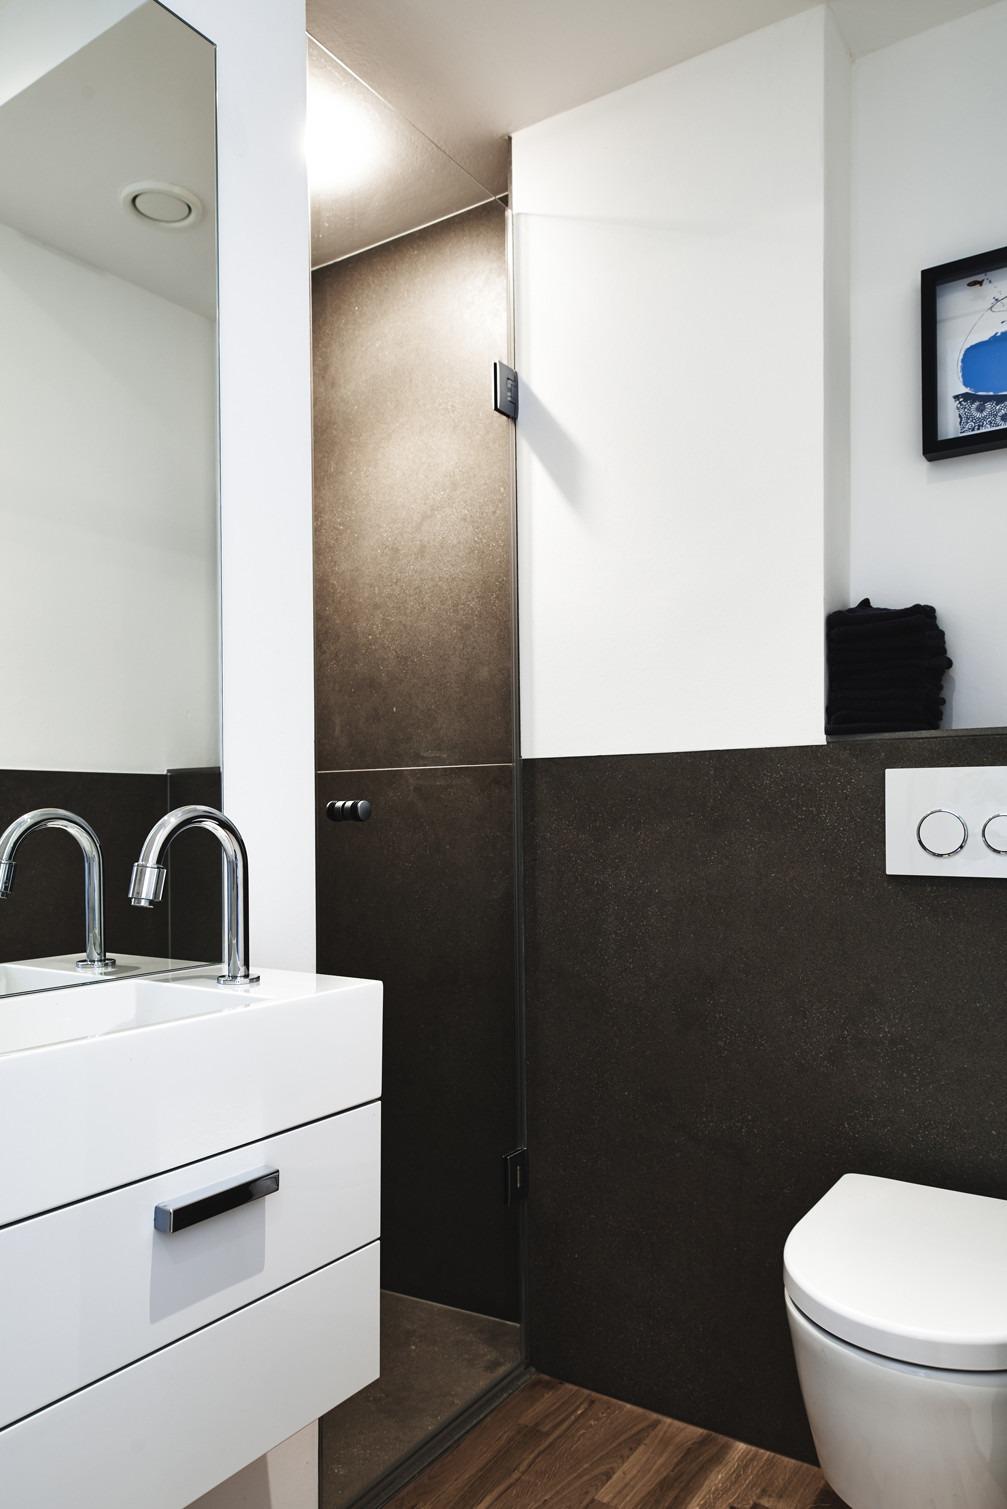 Gäste-WC Reihenhaus - Bellevue 2.0